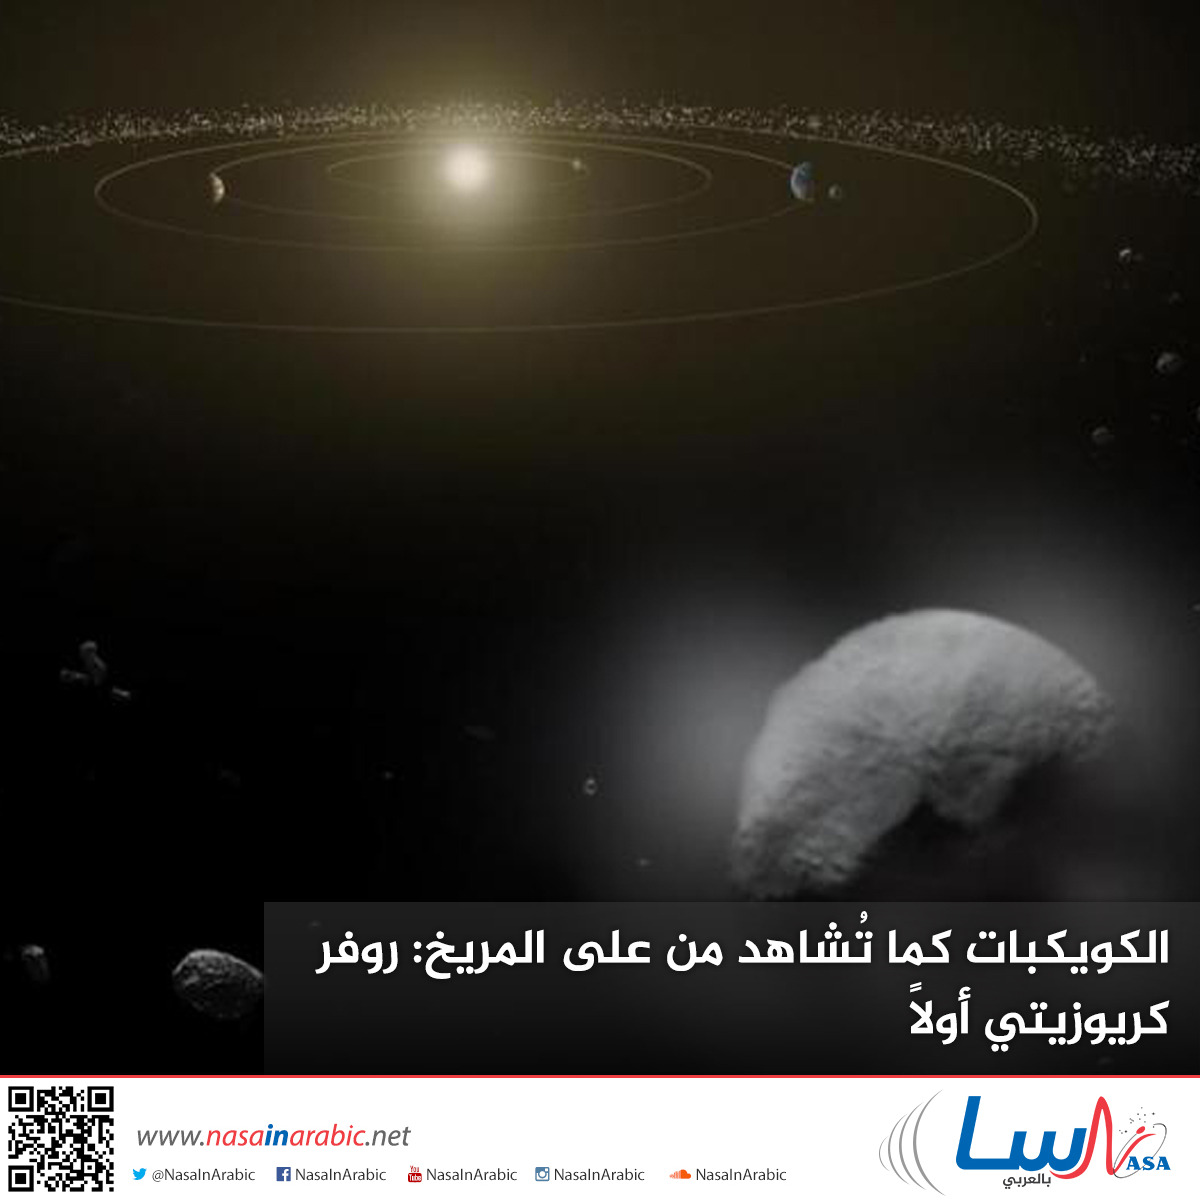 الكويكبات كما تُشاهد من على المريخ: روفر كريوزيتي أولاً